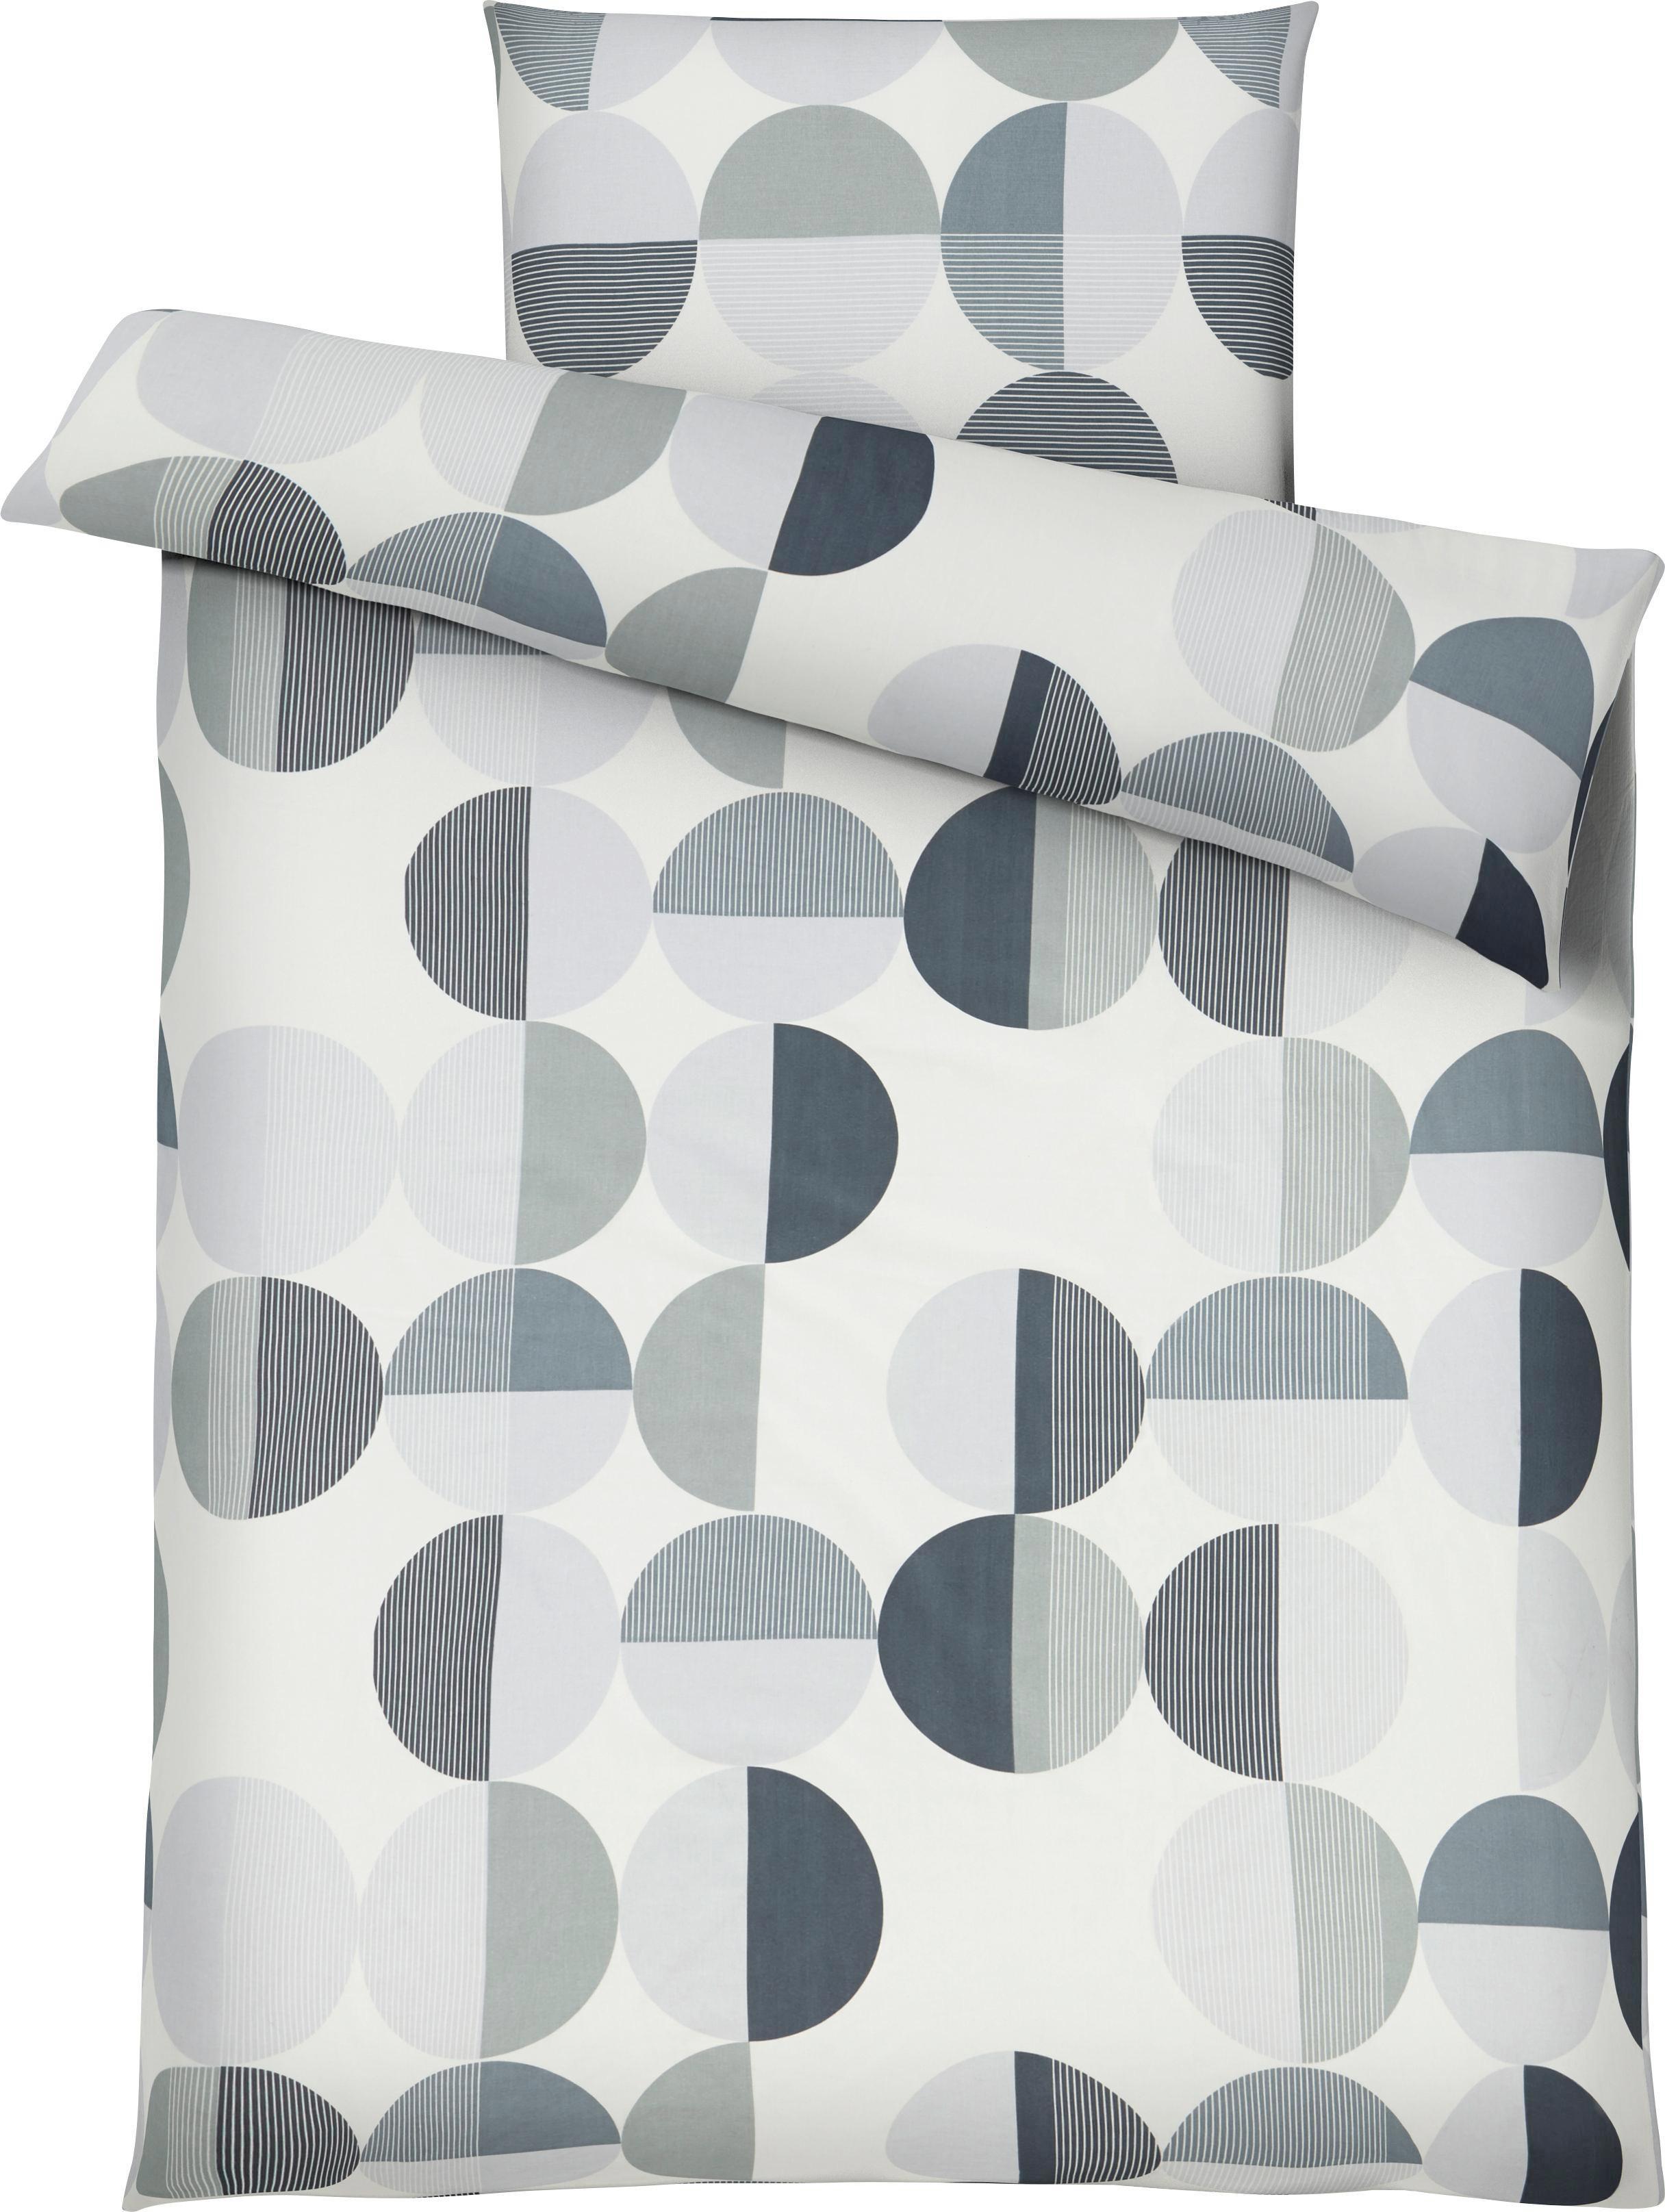 Bettwäsche Clemens in Grau ca. 135x200cm - Grau, Textil (135/200cm) - MÖMAX modern living